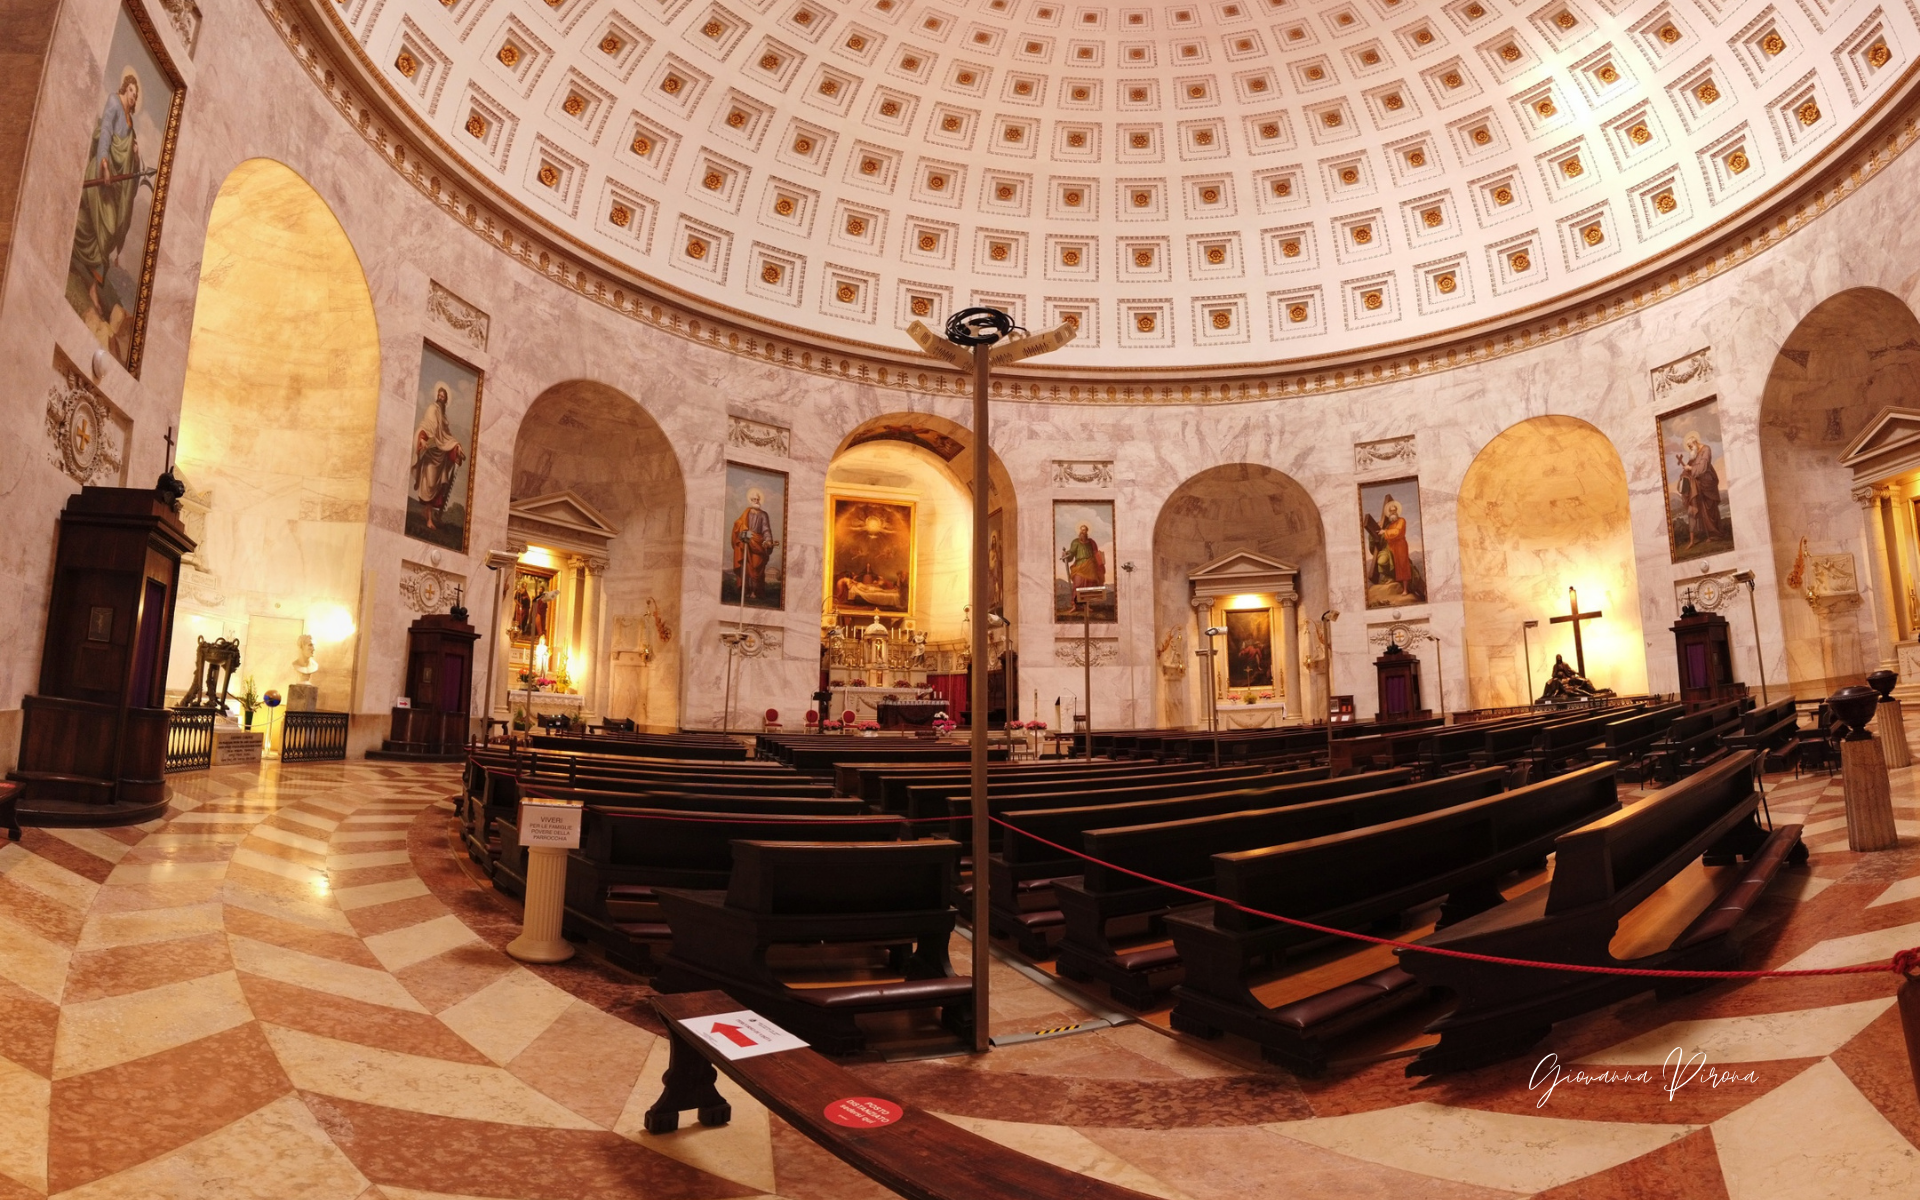 Interno del Tempio di Canova a Possagno (TV)